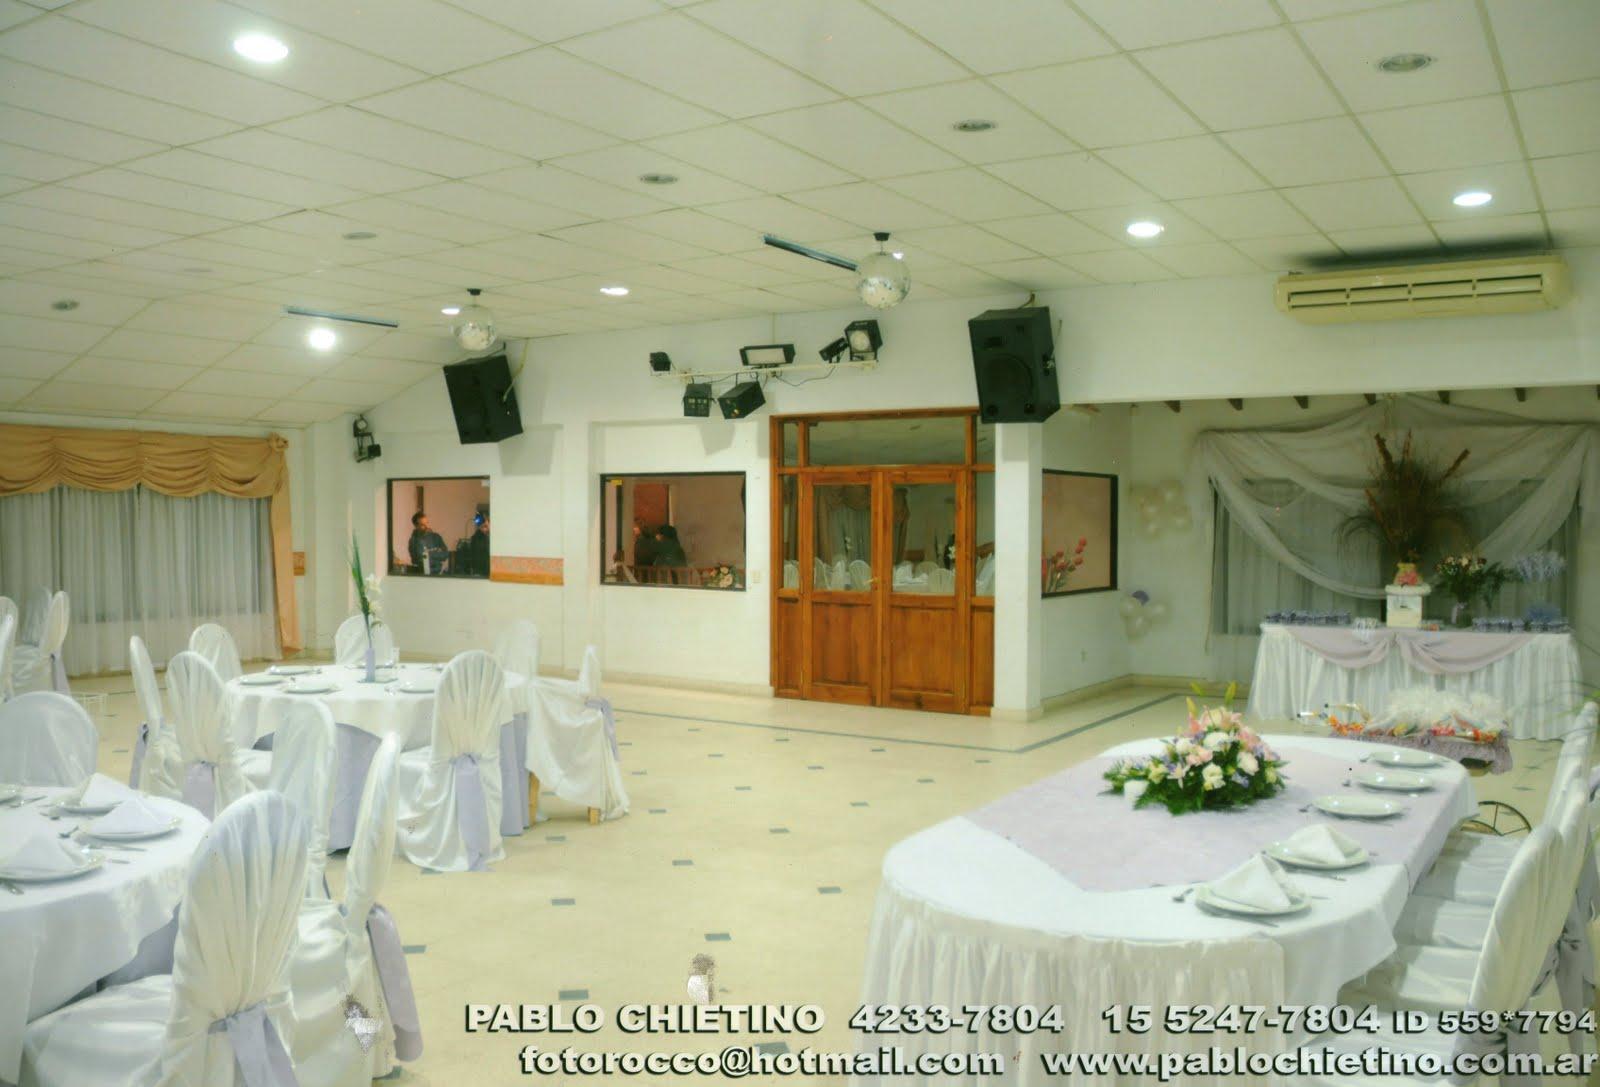 Sociedad de fomento j a castelli salon de eventos - Iluminacion en salones ...